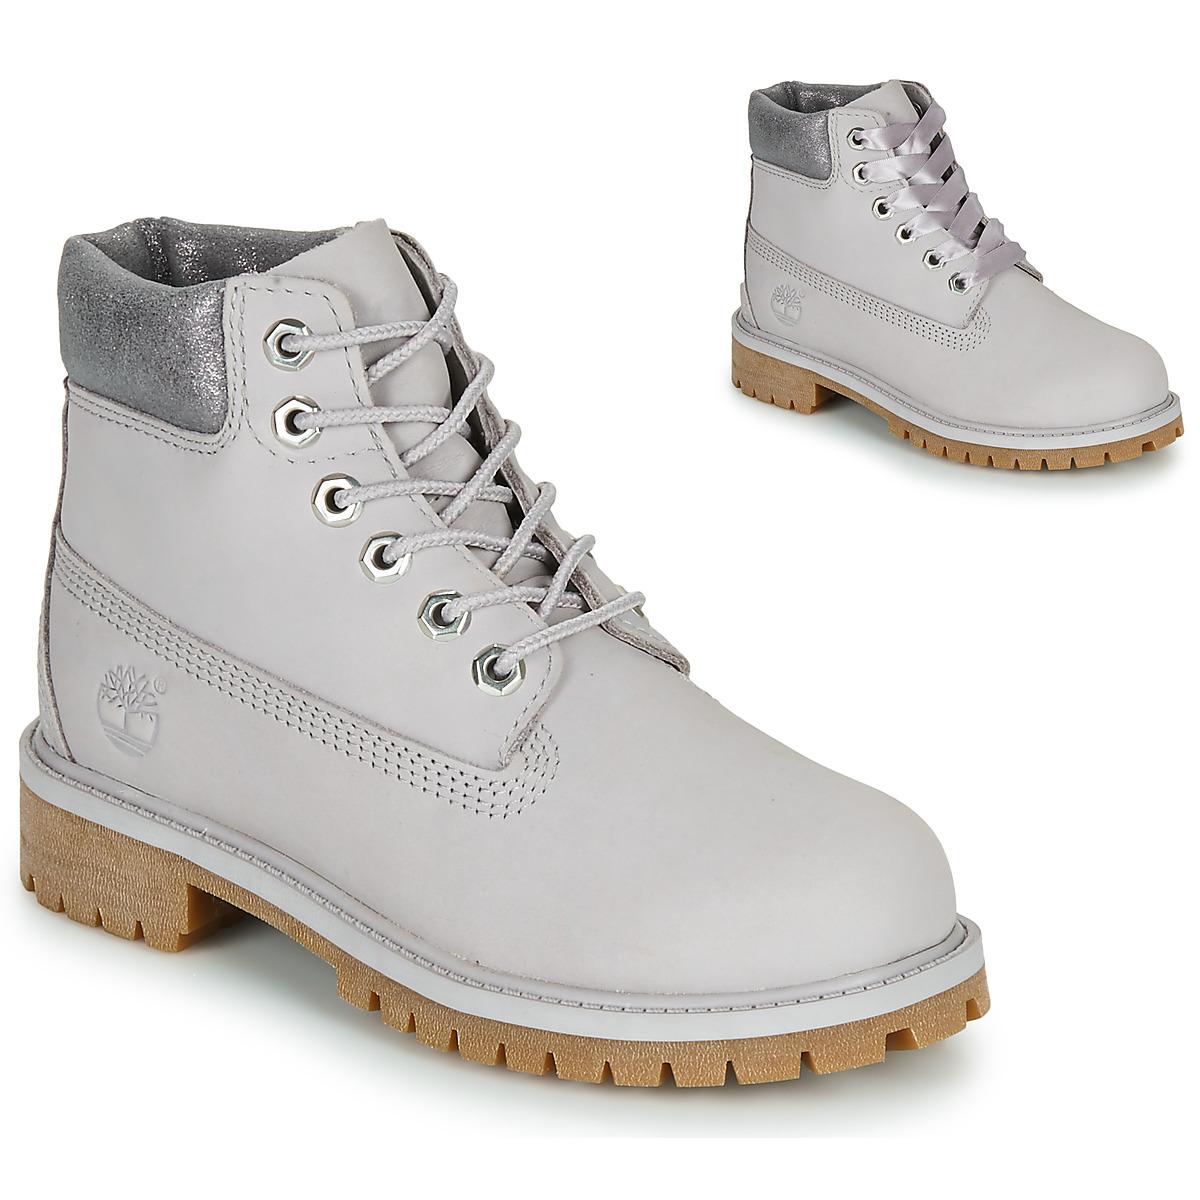 Støvler til børn Timberland  6 IN PREMIUM WP BOOT